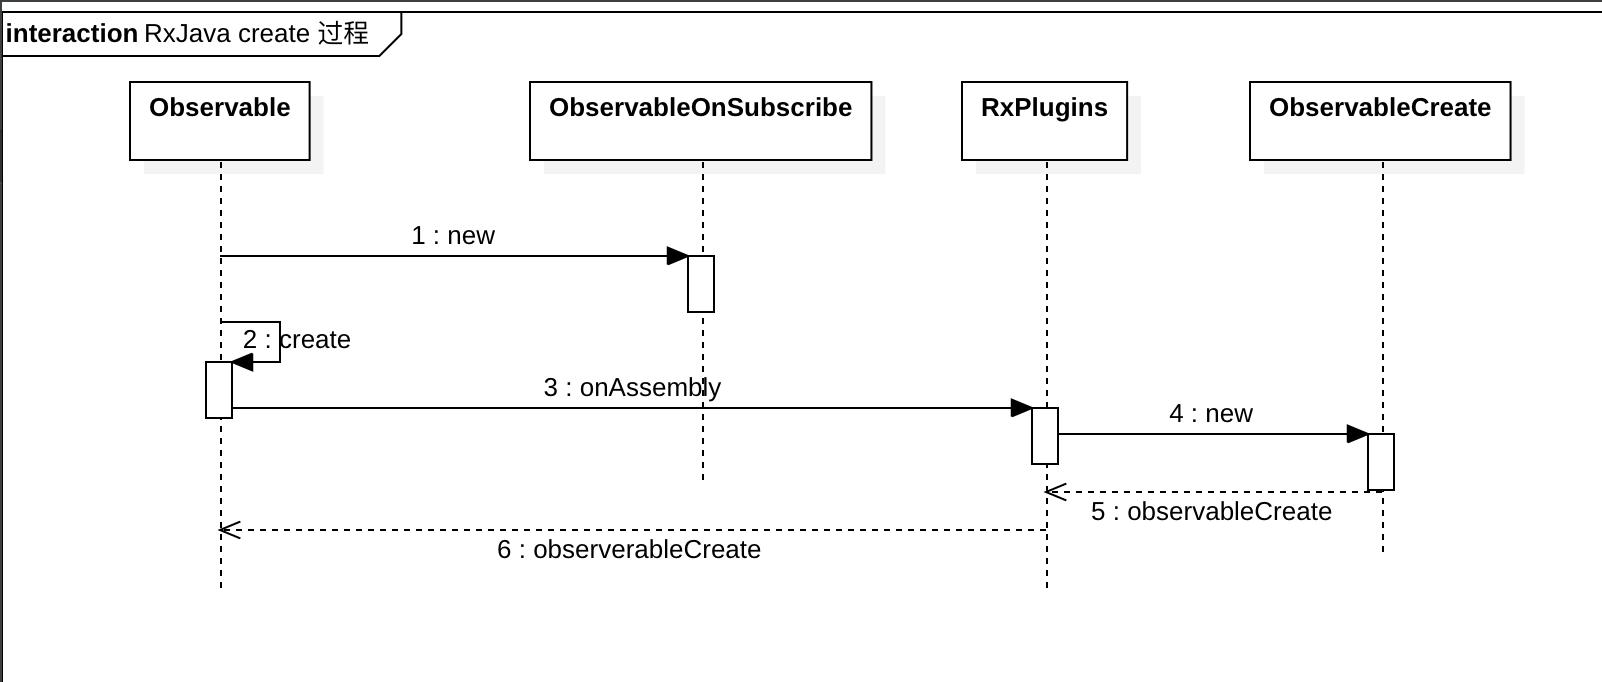 RxJava 被观察者创建时序